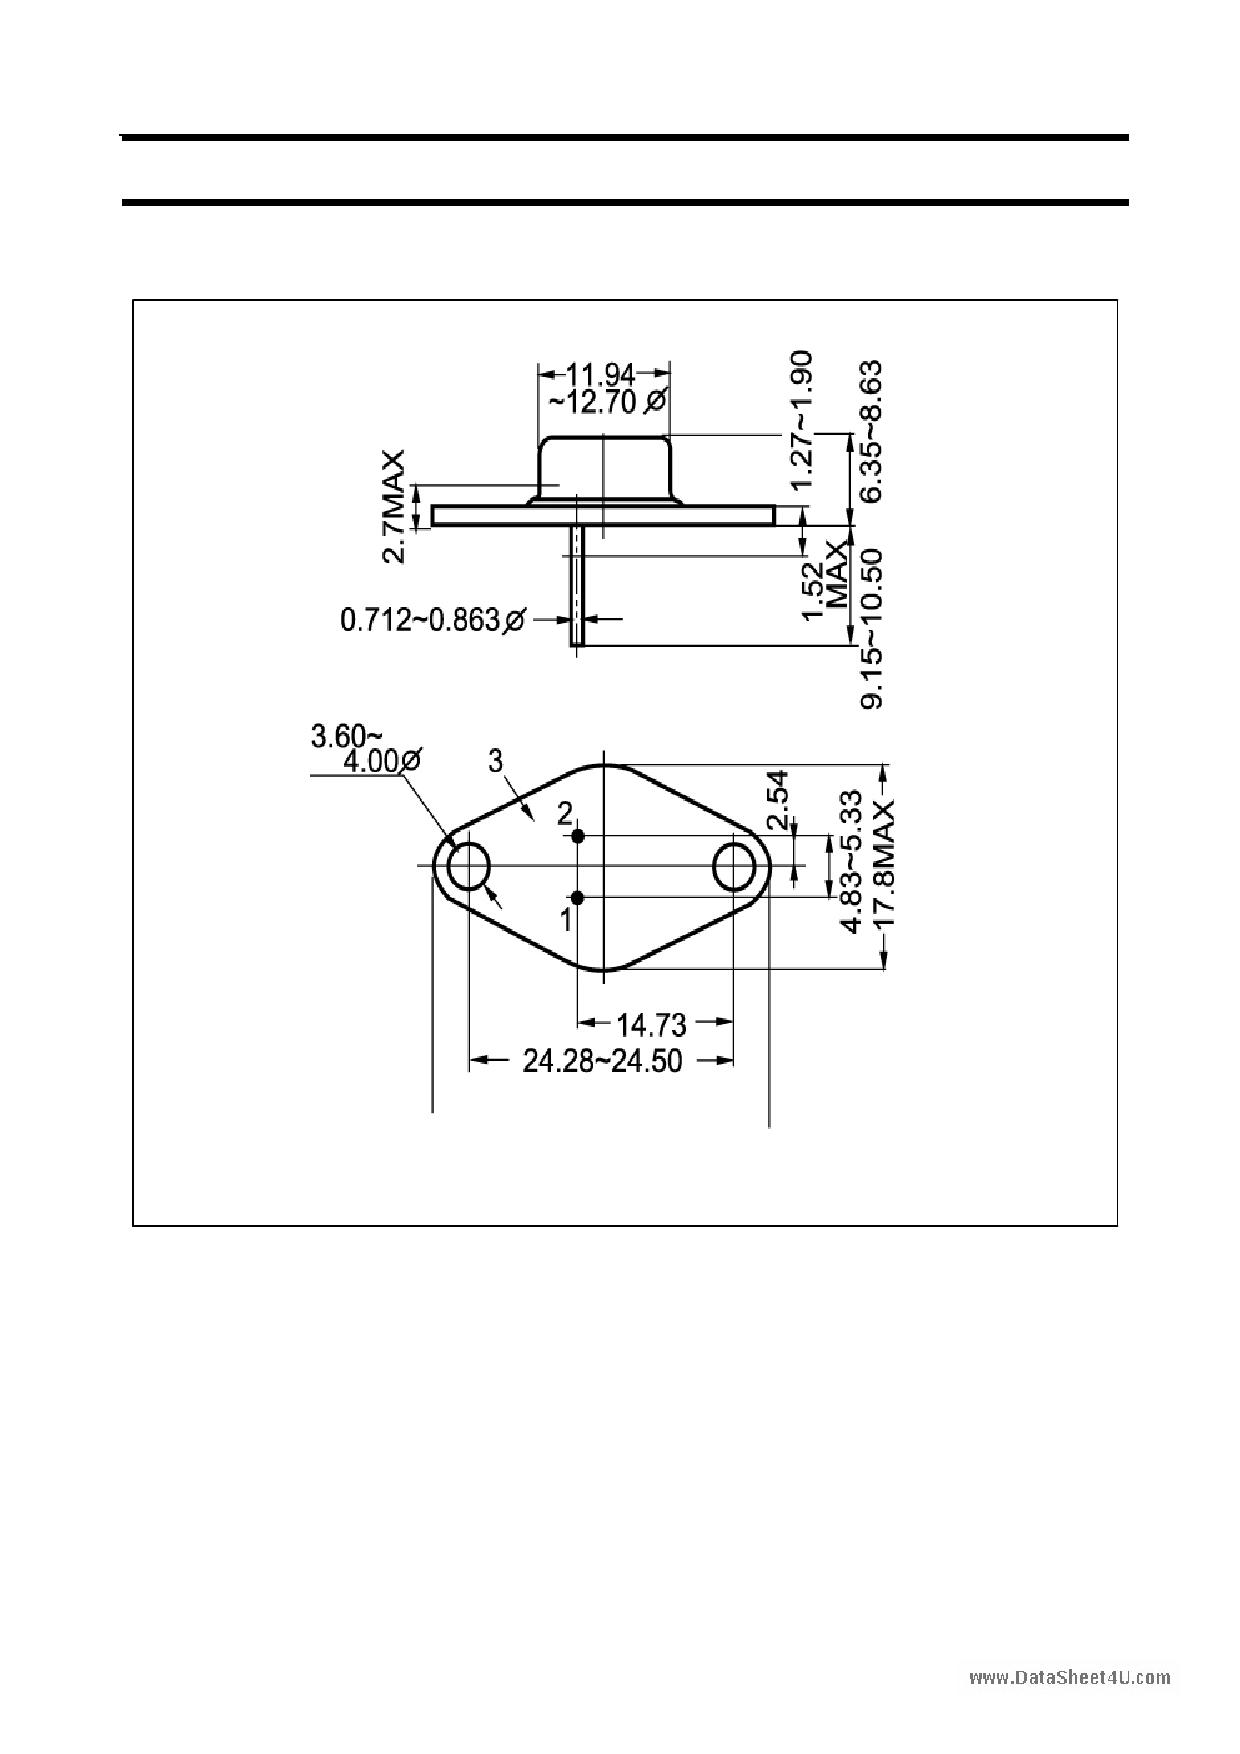 C1316 pdf, ピン配列